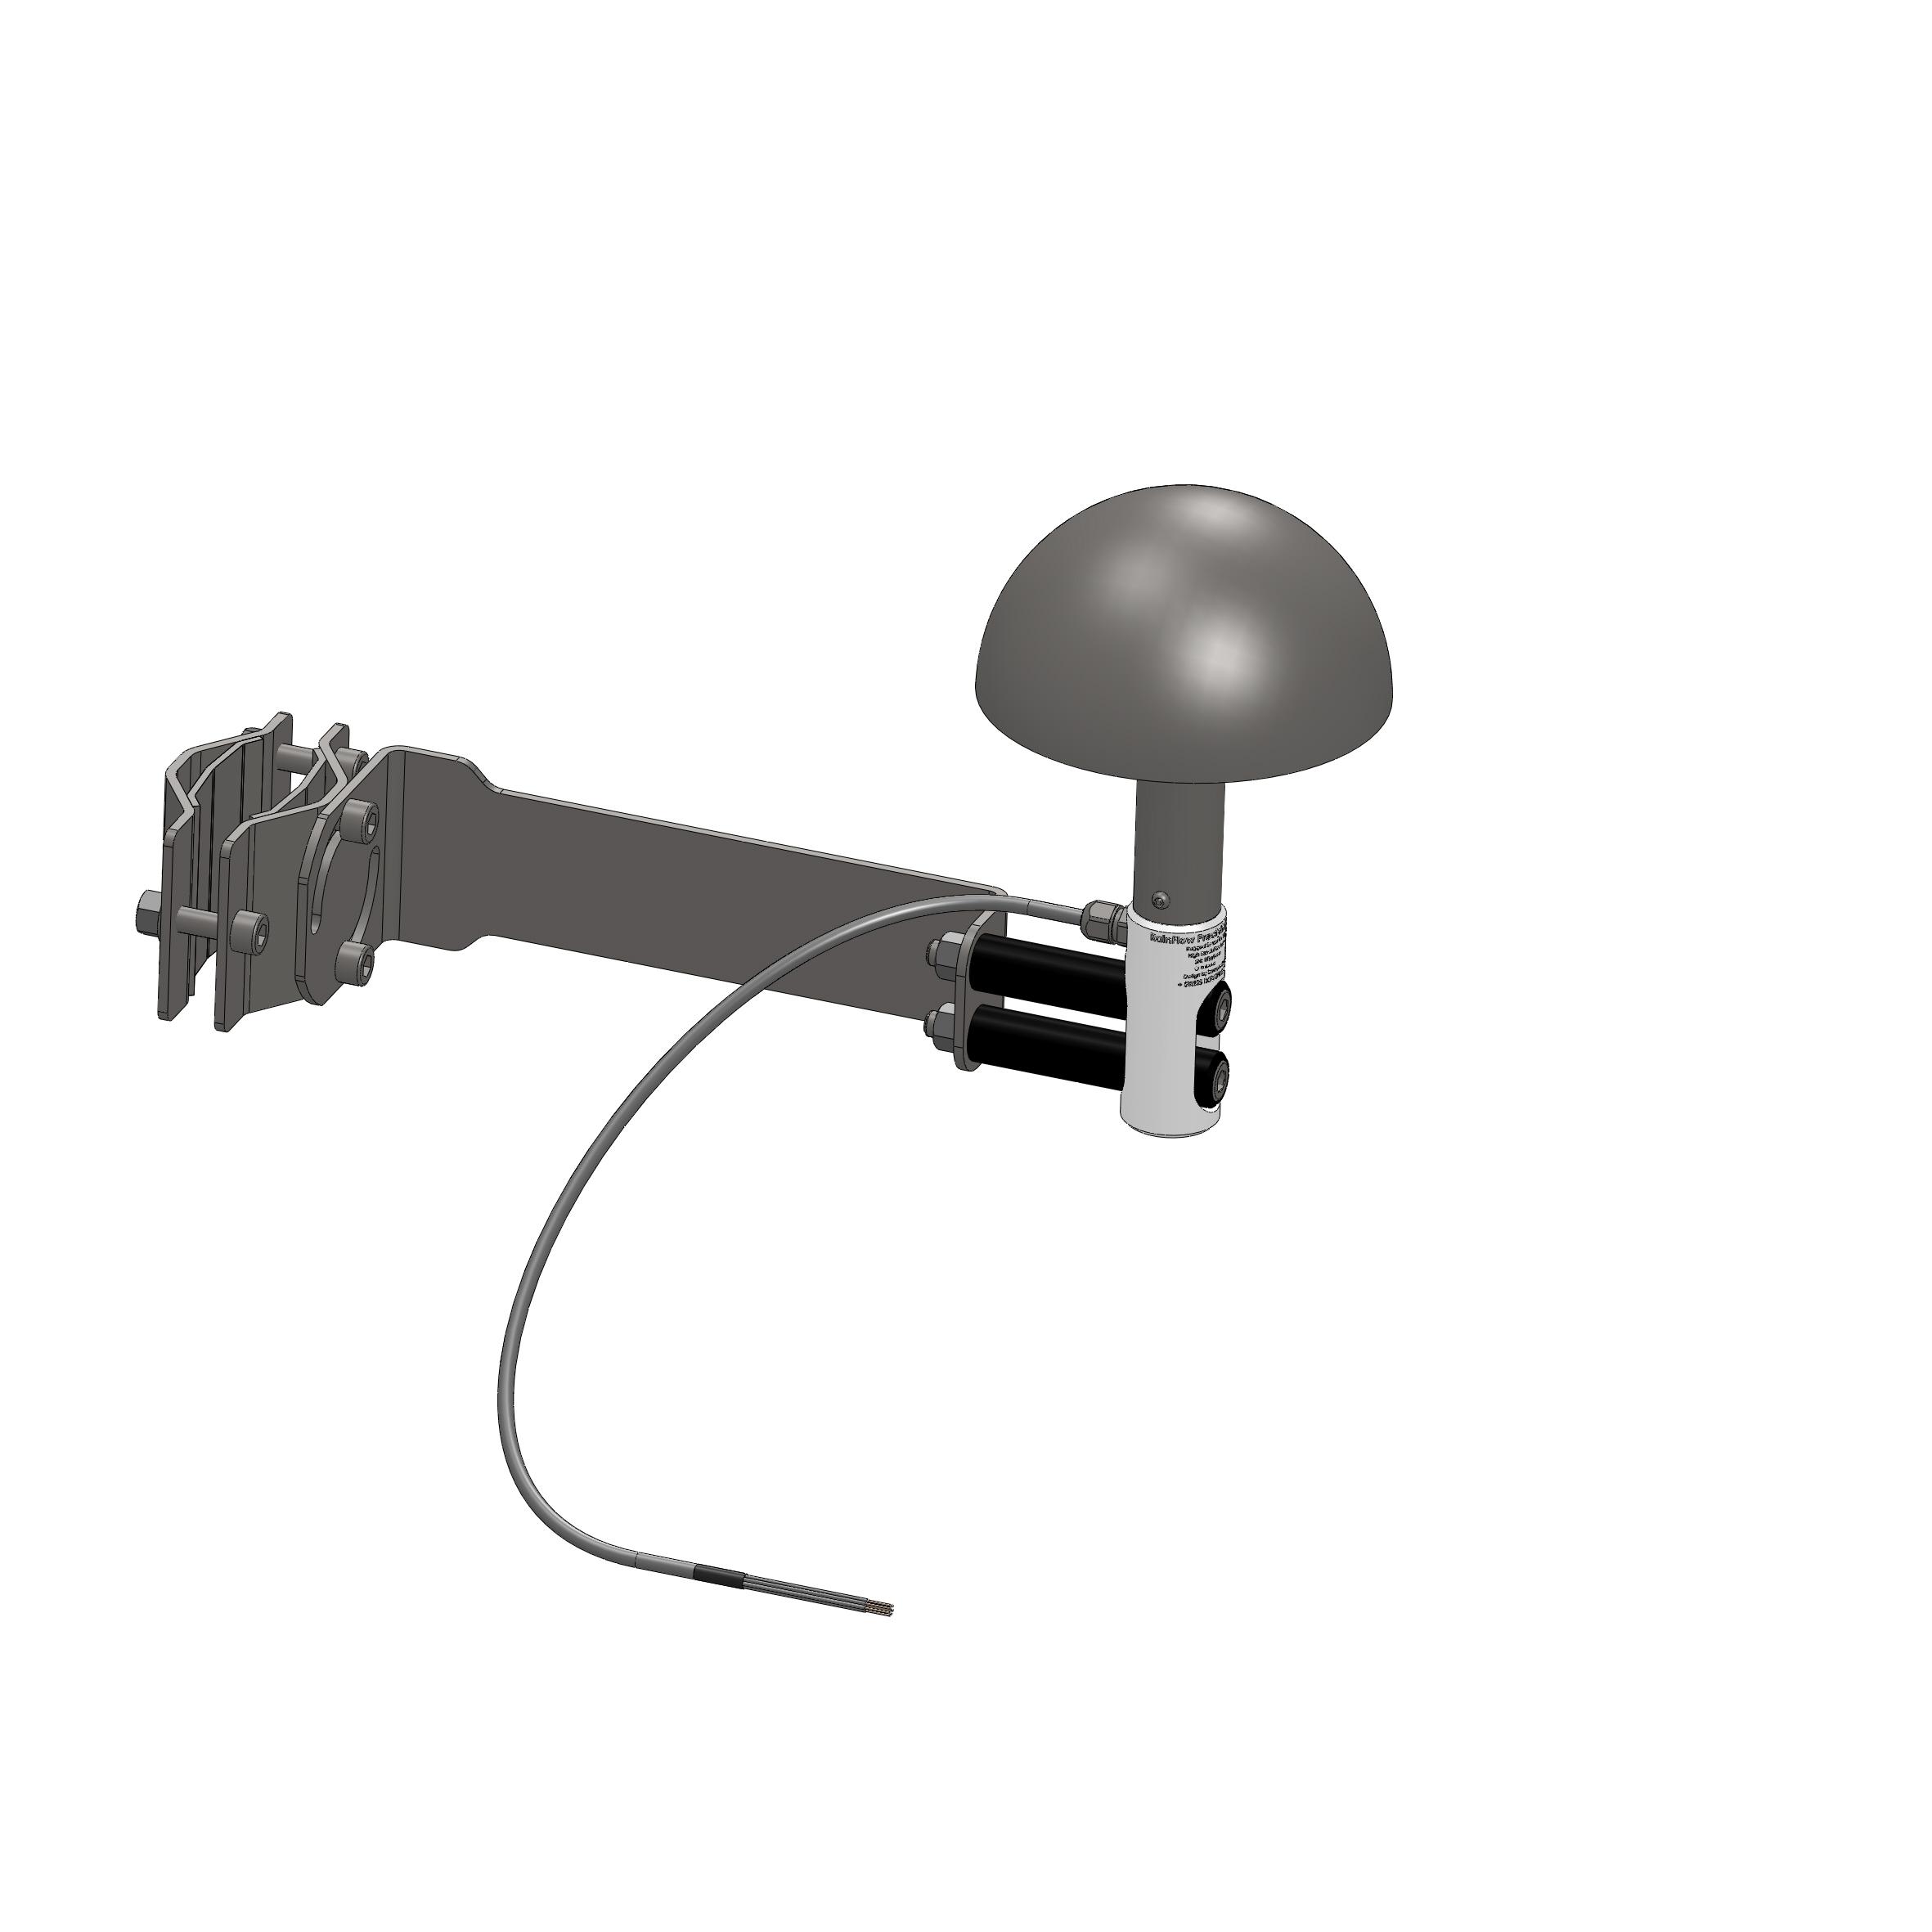 RainFlow RF4 sensor